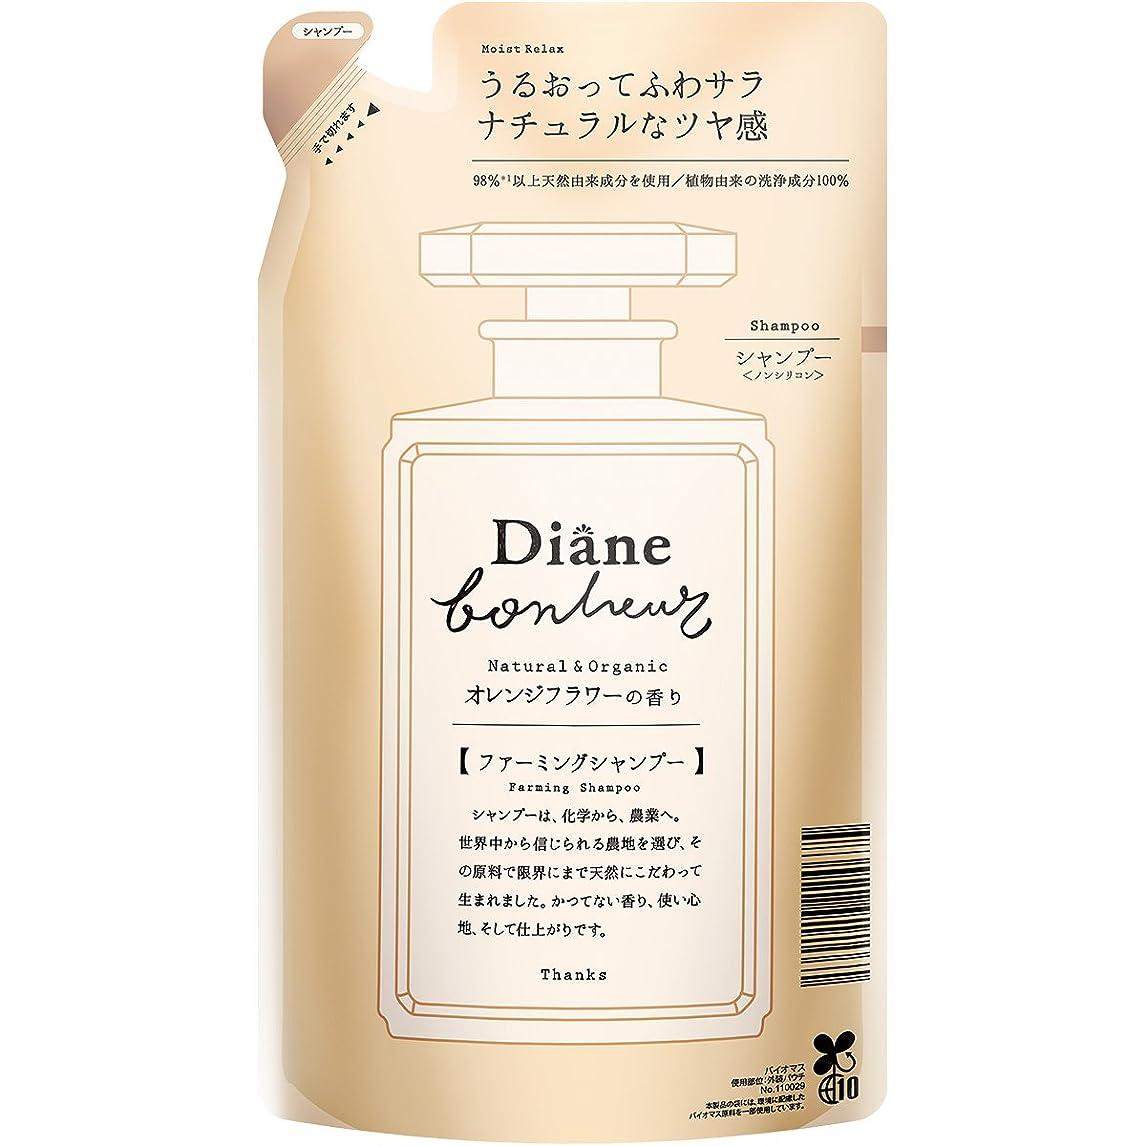 証明書起きろ友情ダイアン ボヌール オレンジフラワーの香り モイストリラックス シャンプー 詰め替え 400ml